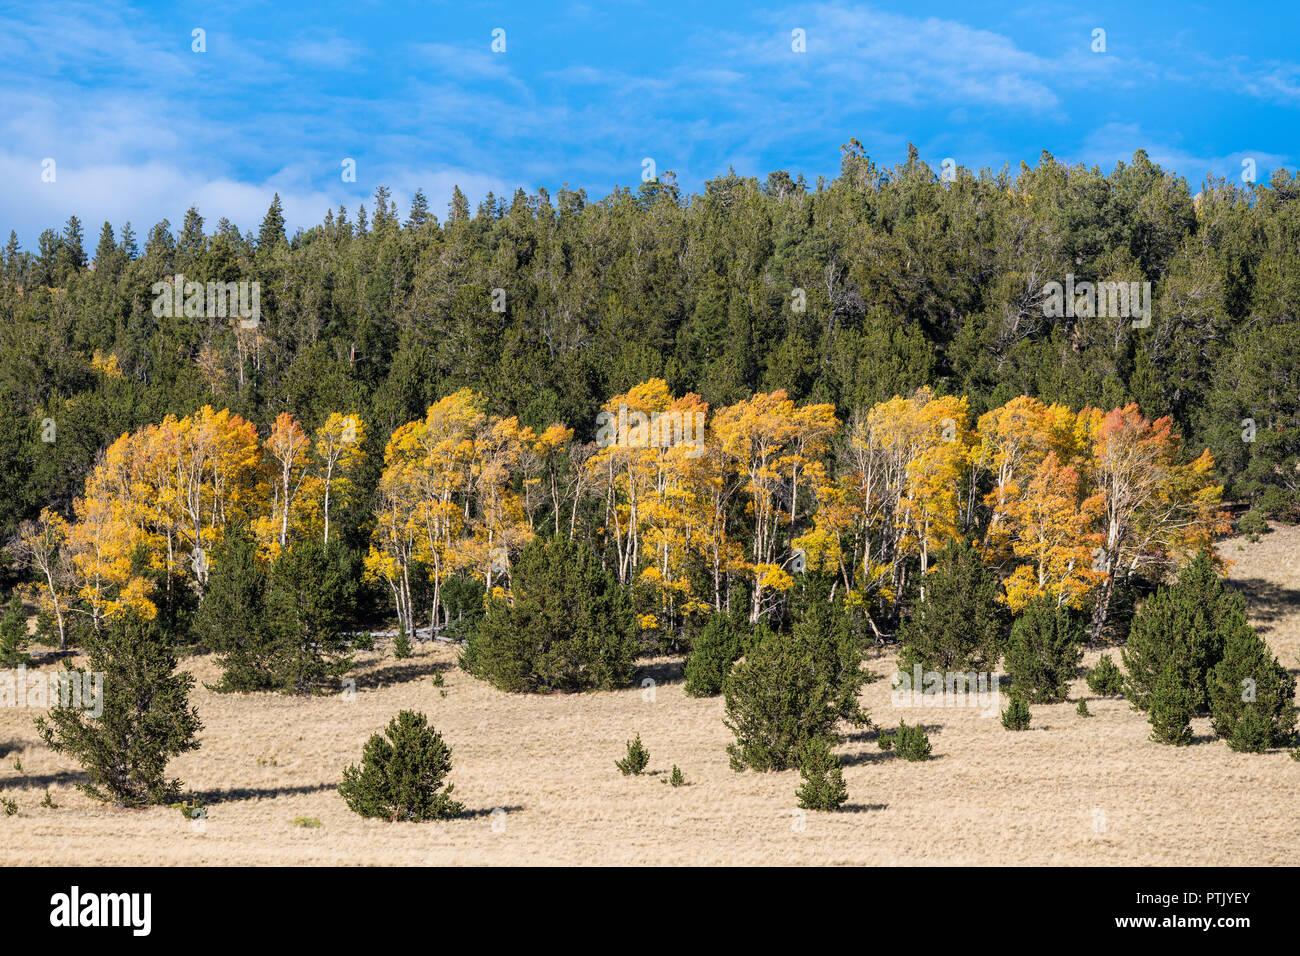 En Aspen Grove en colores de otoño de oro, amarillo y naranja, contrastando con el verde oscuro de un bosque de pinos Foto de stock